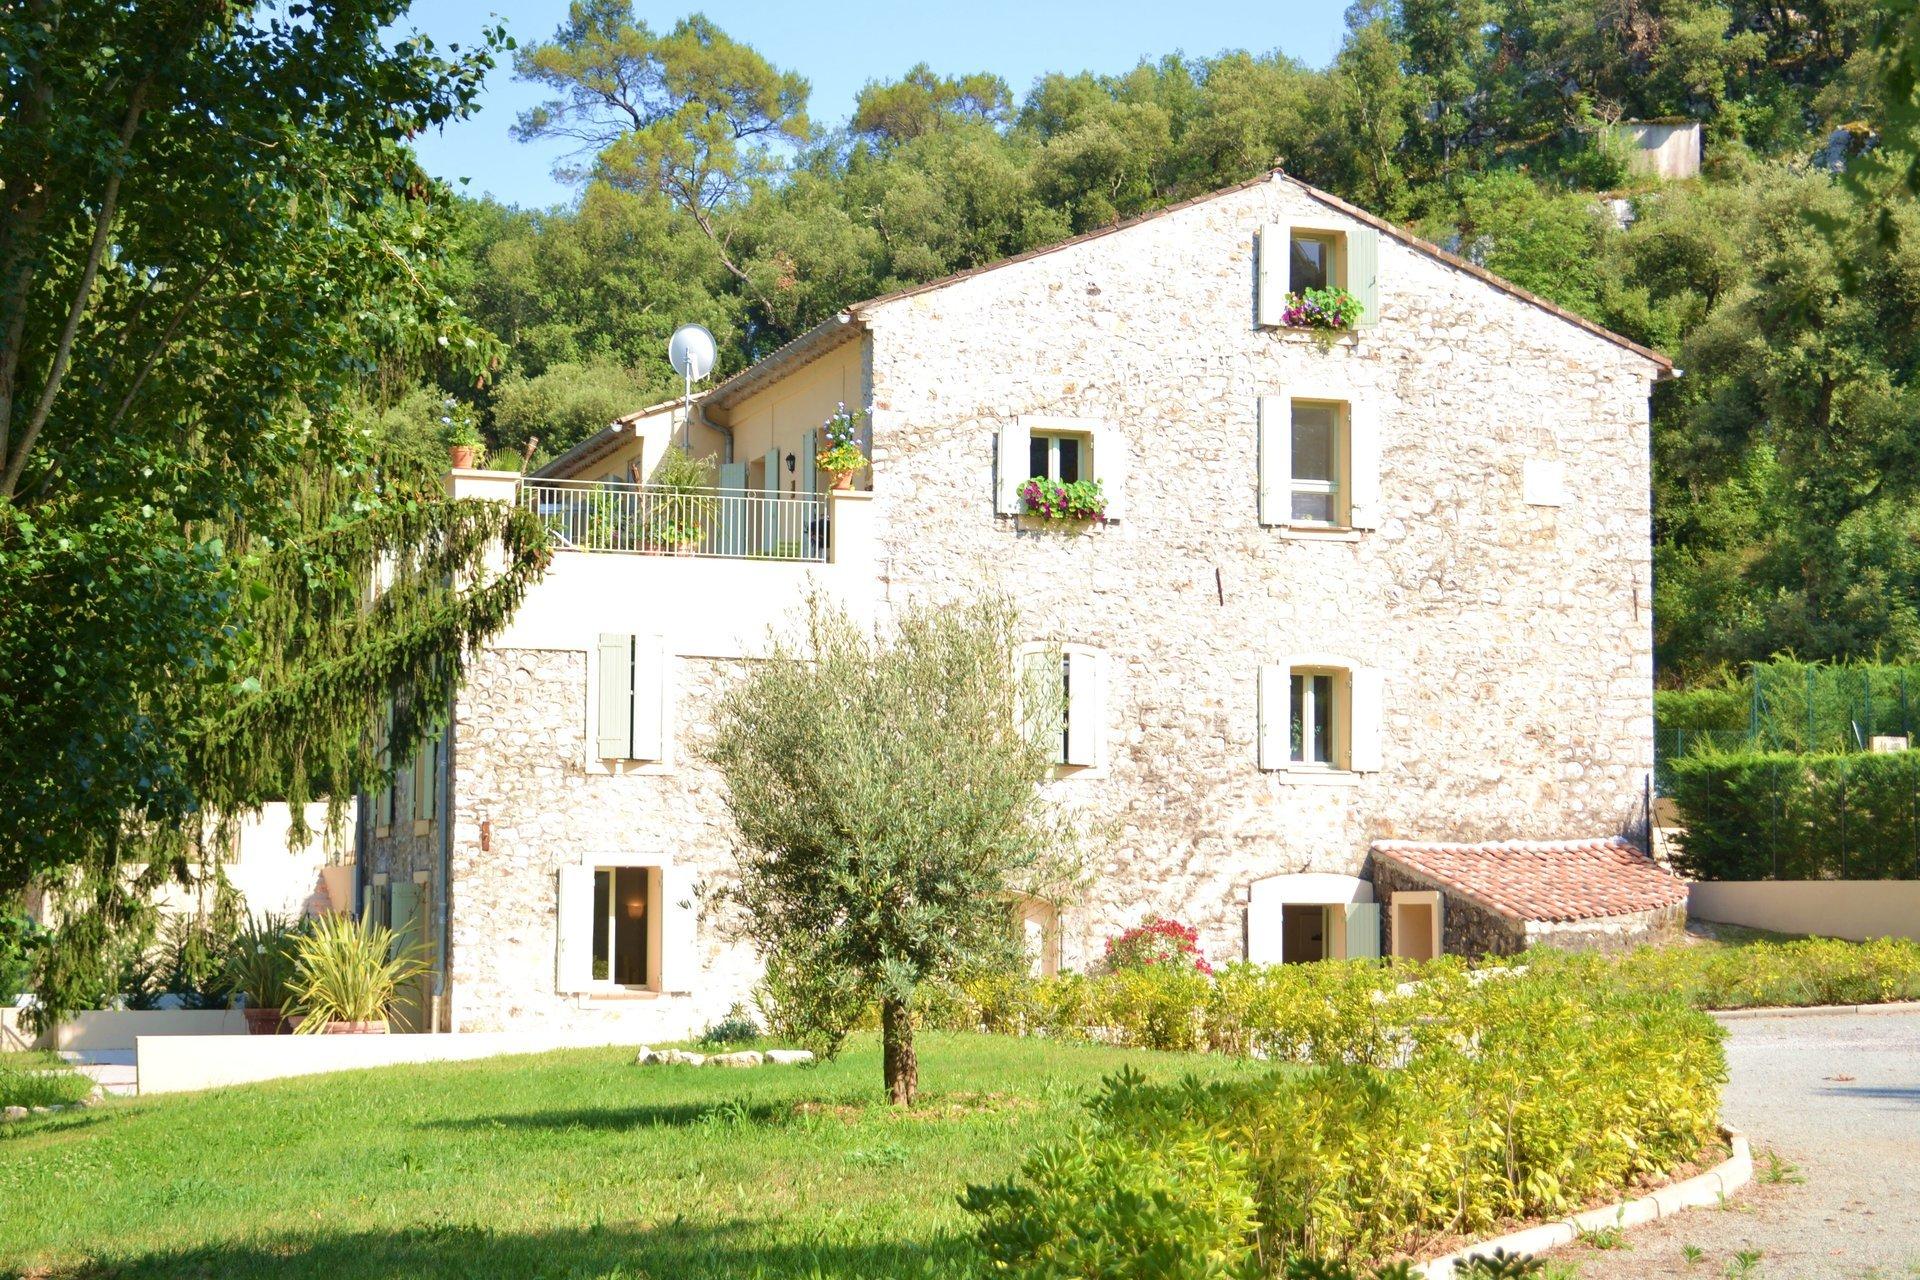 ALPES MARITIMES (06) - Roquefort les Pins A vendre 4 pièces avec terrasse +terrain 1300 m²